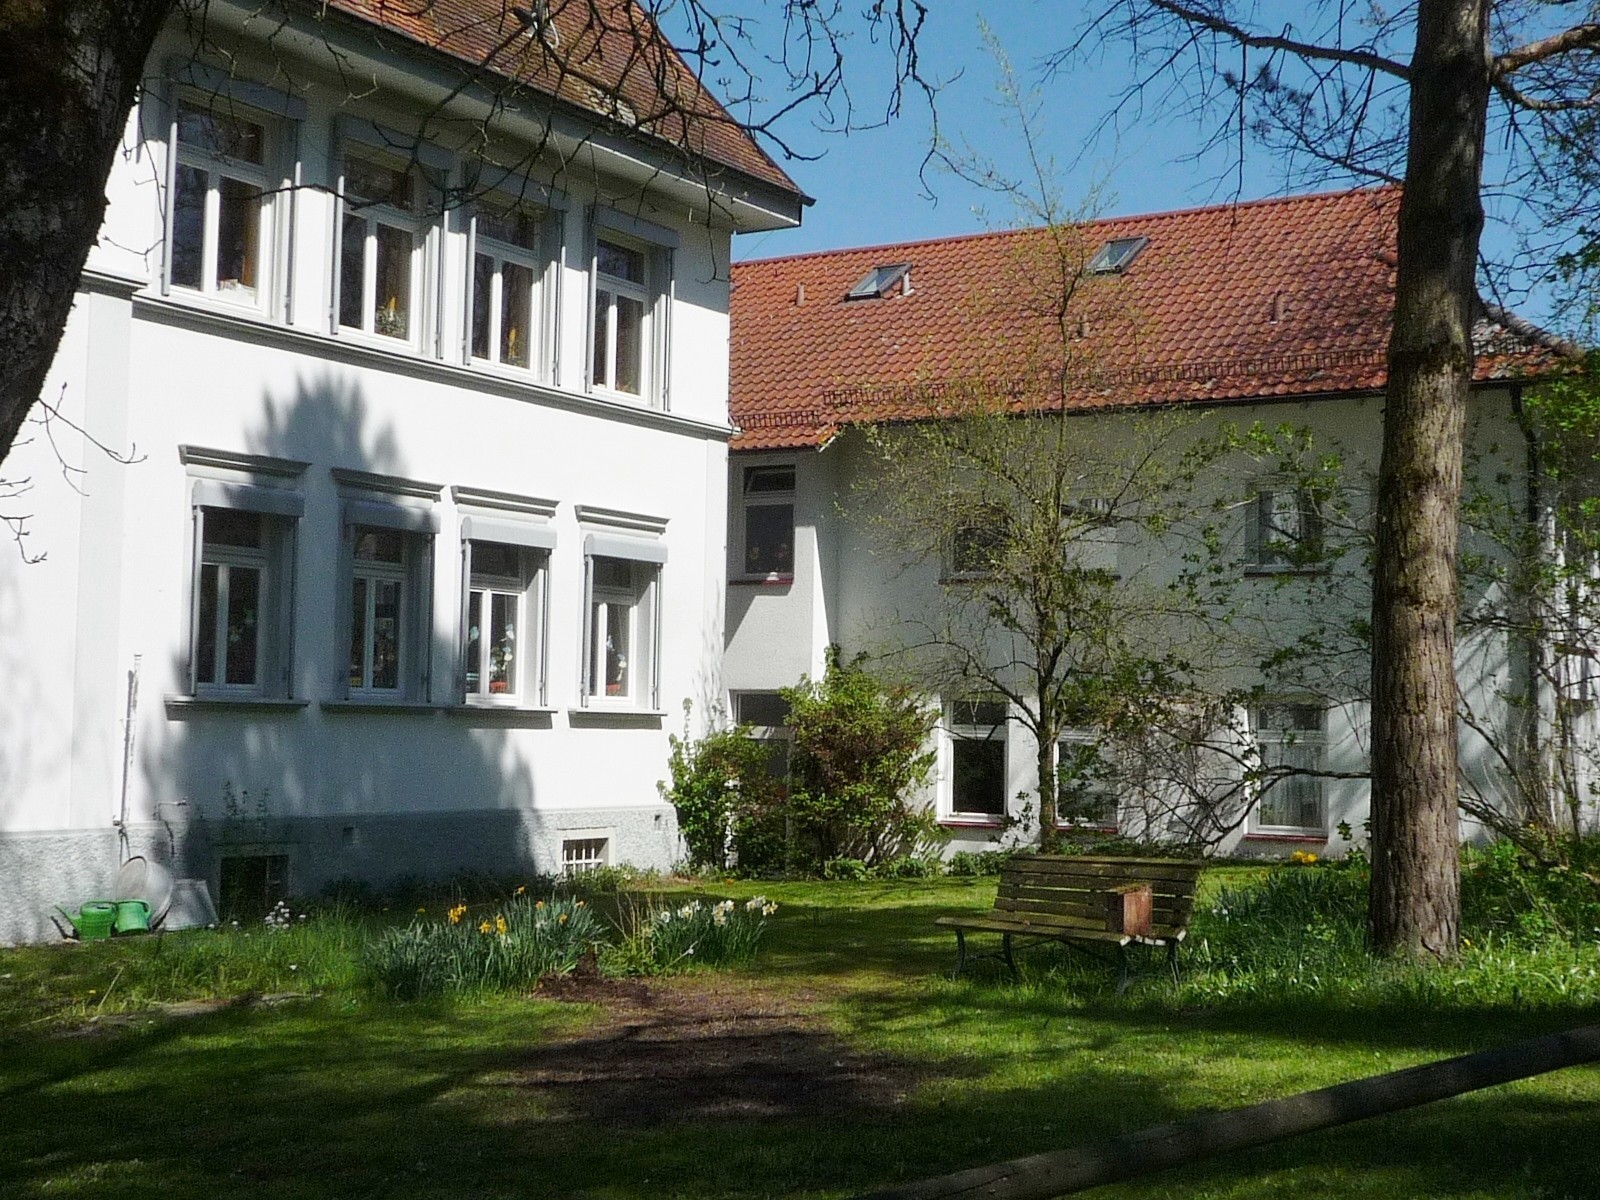 Schule, Gartenseite